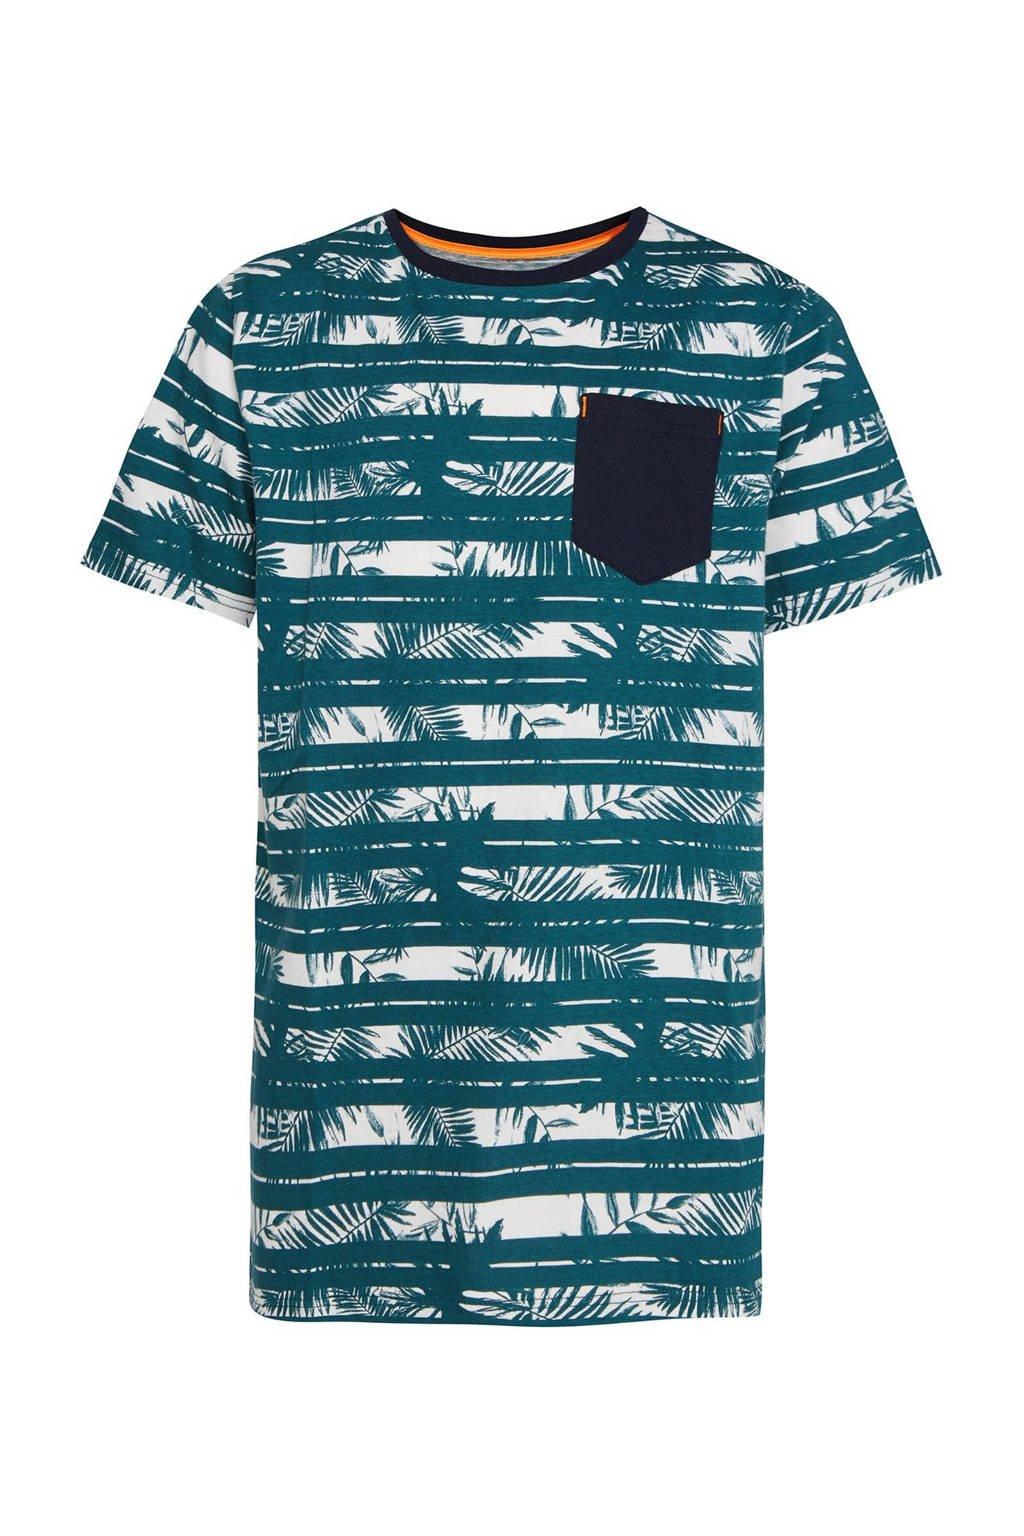 WE Fashion gestreept regular fit T-shirt groen/wit/donkerblauw, Groen/wit/donkerblauw